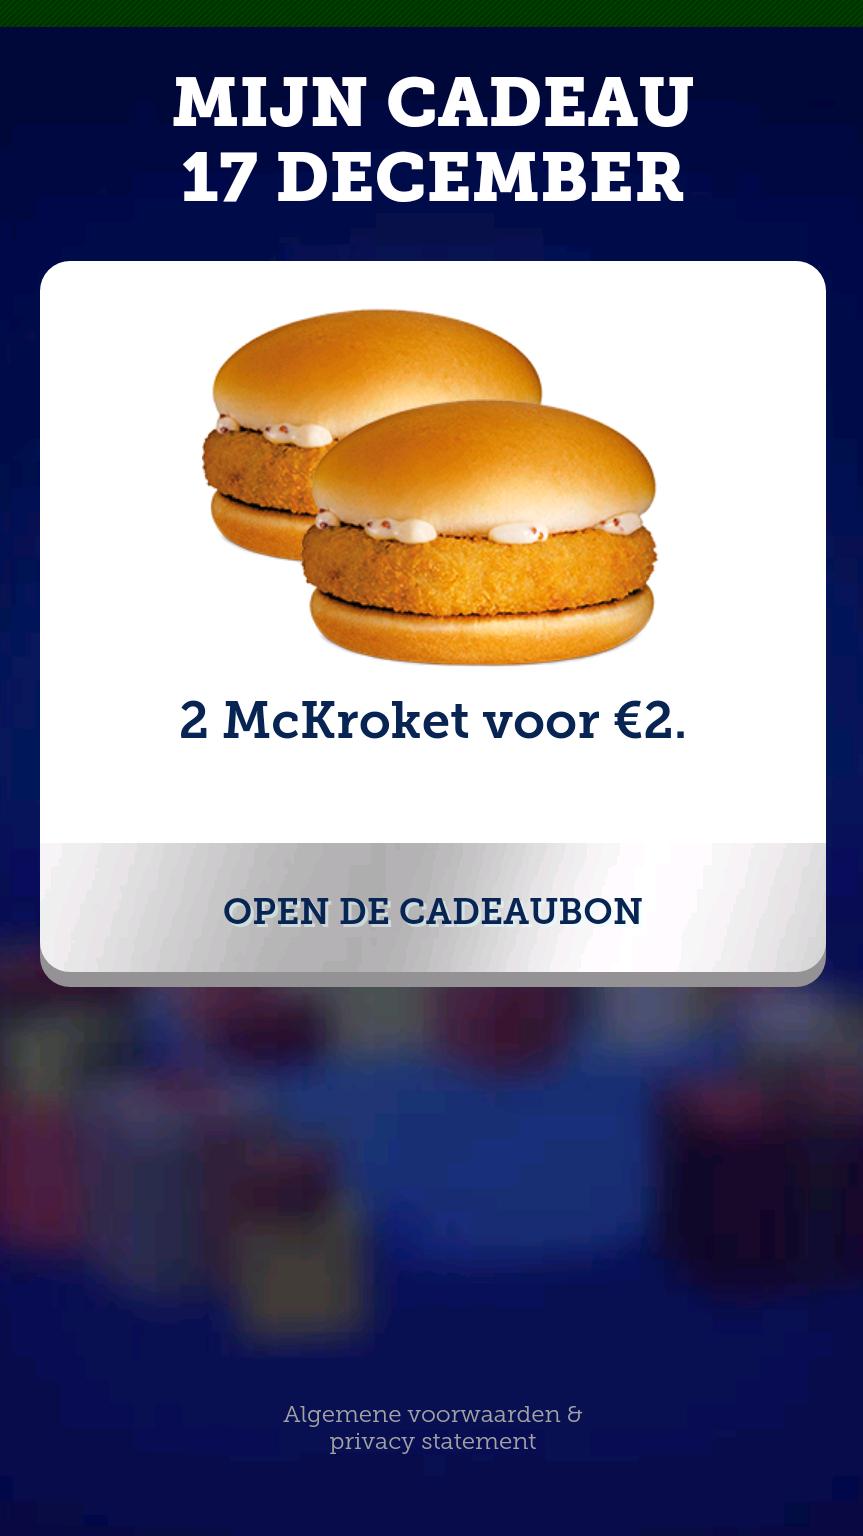 2 McKroket voor €2.